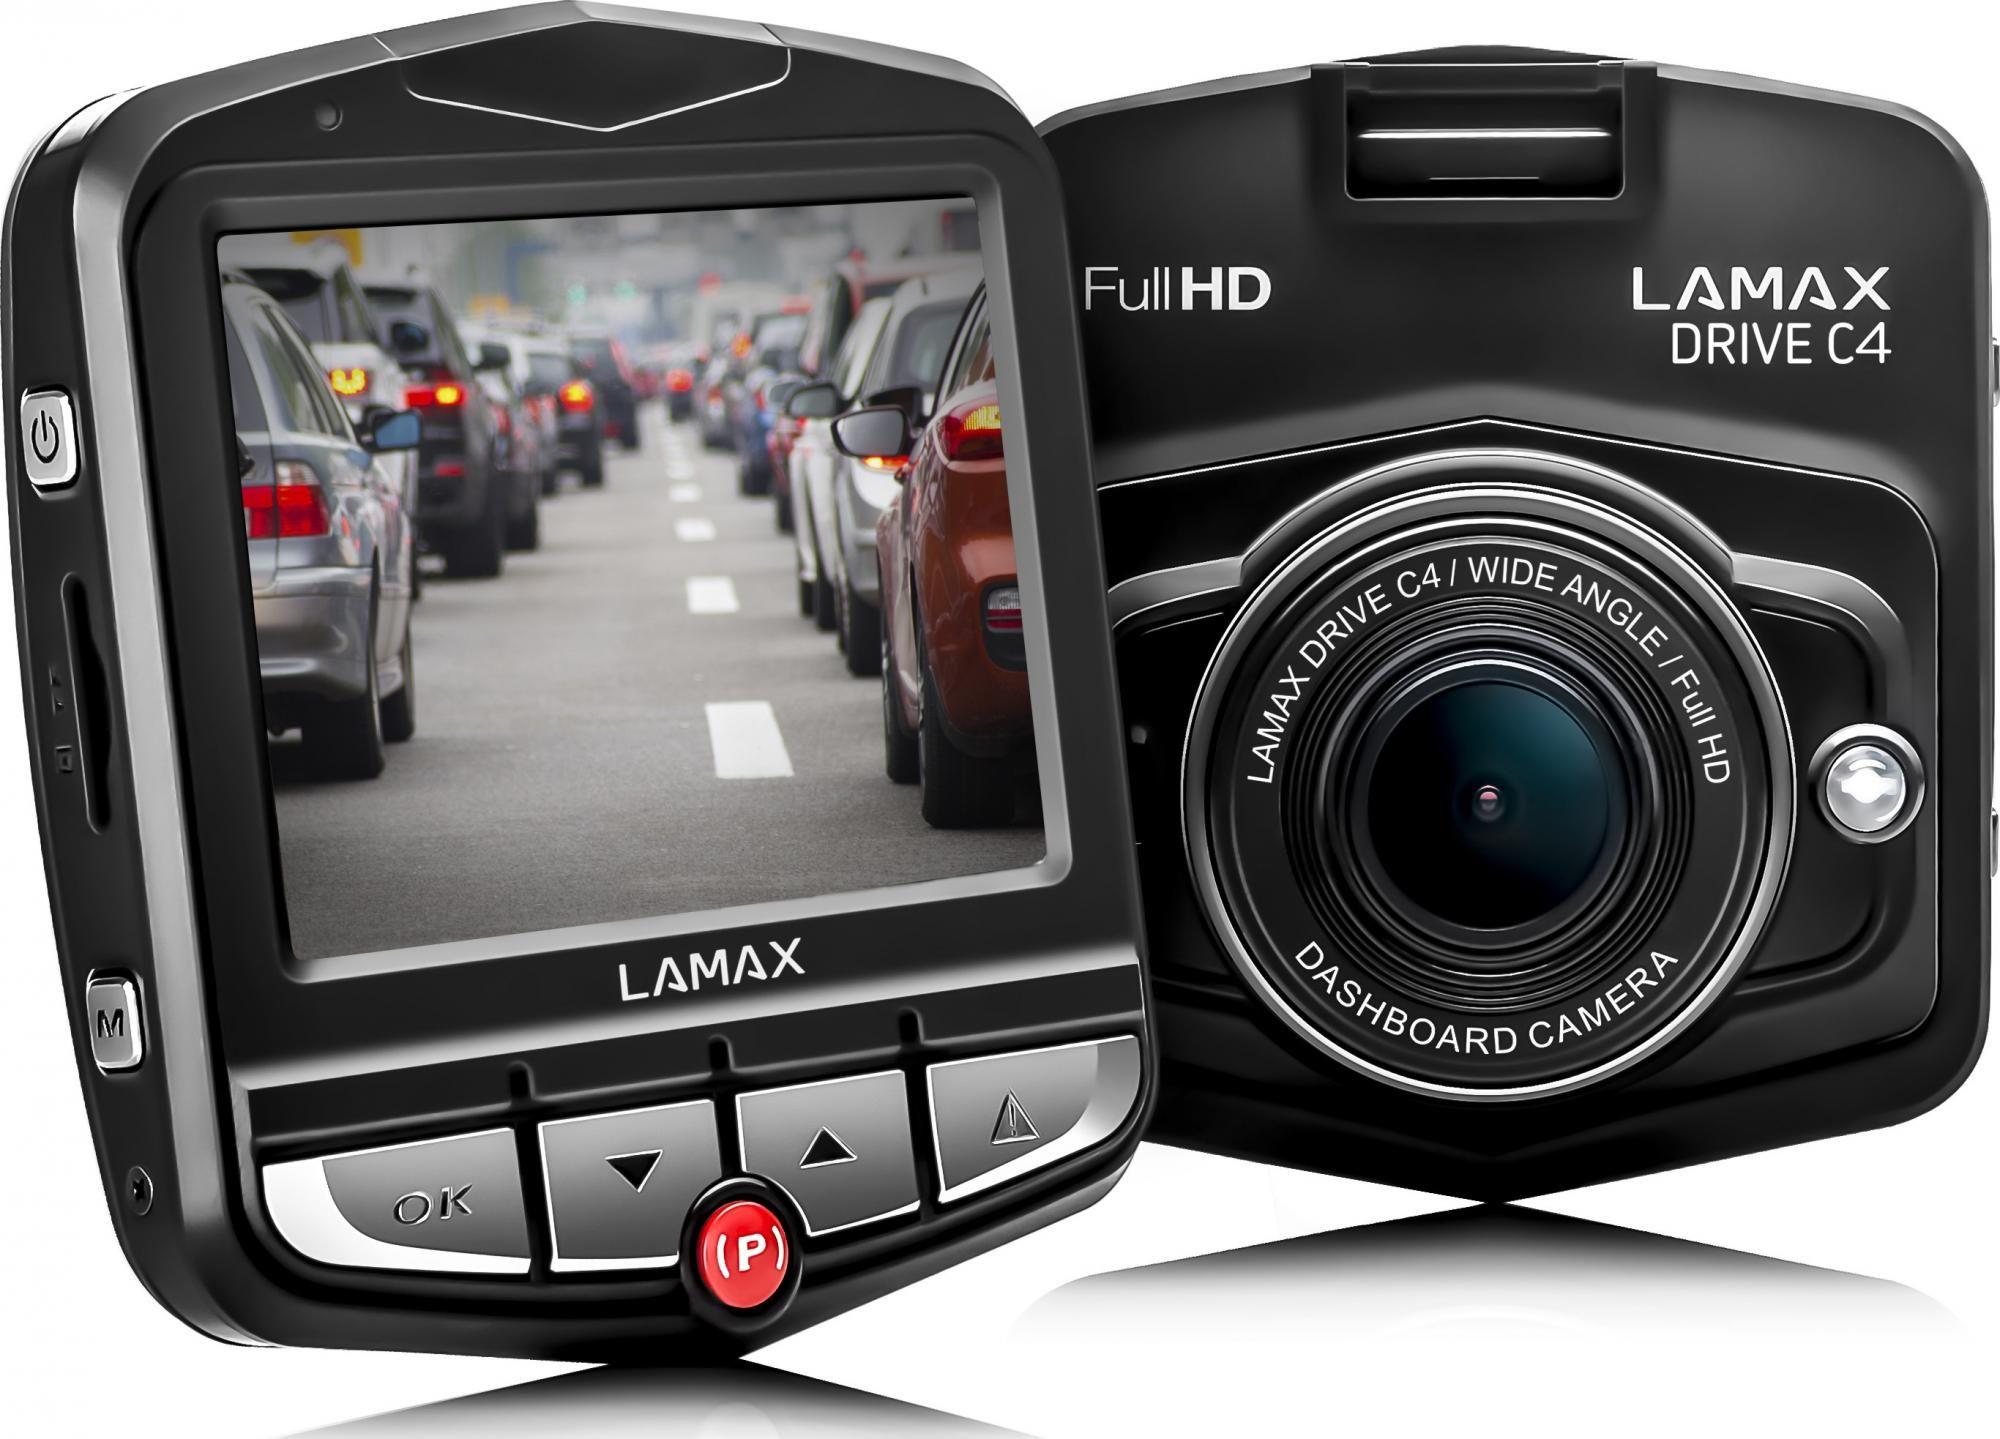 LAMAX DRIVE C4